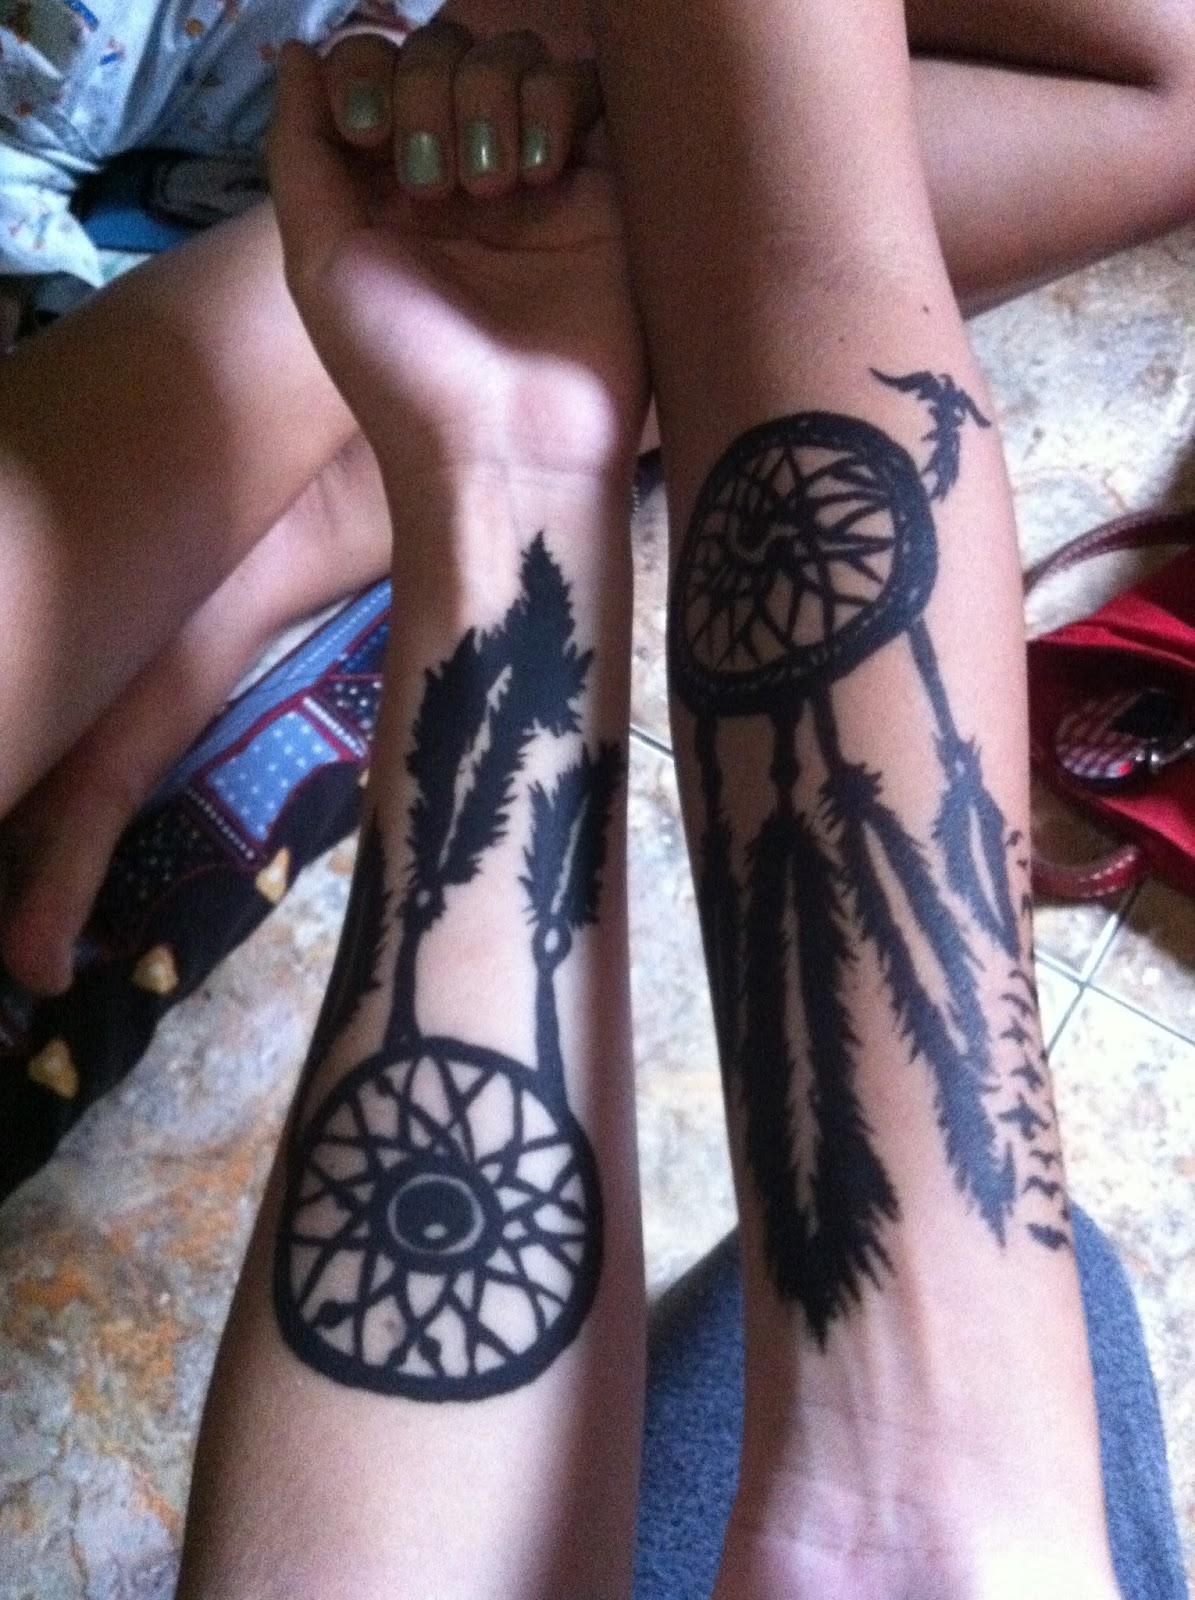 Amateur Tattoo Bbw Cheat